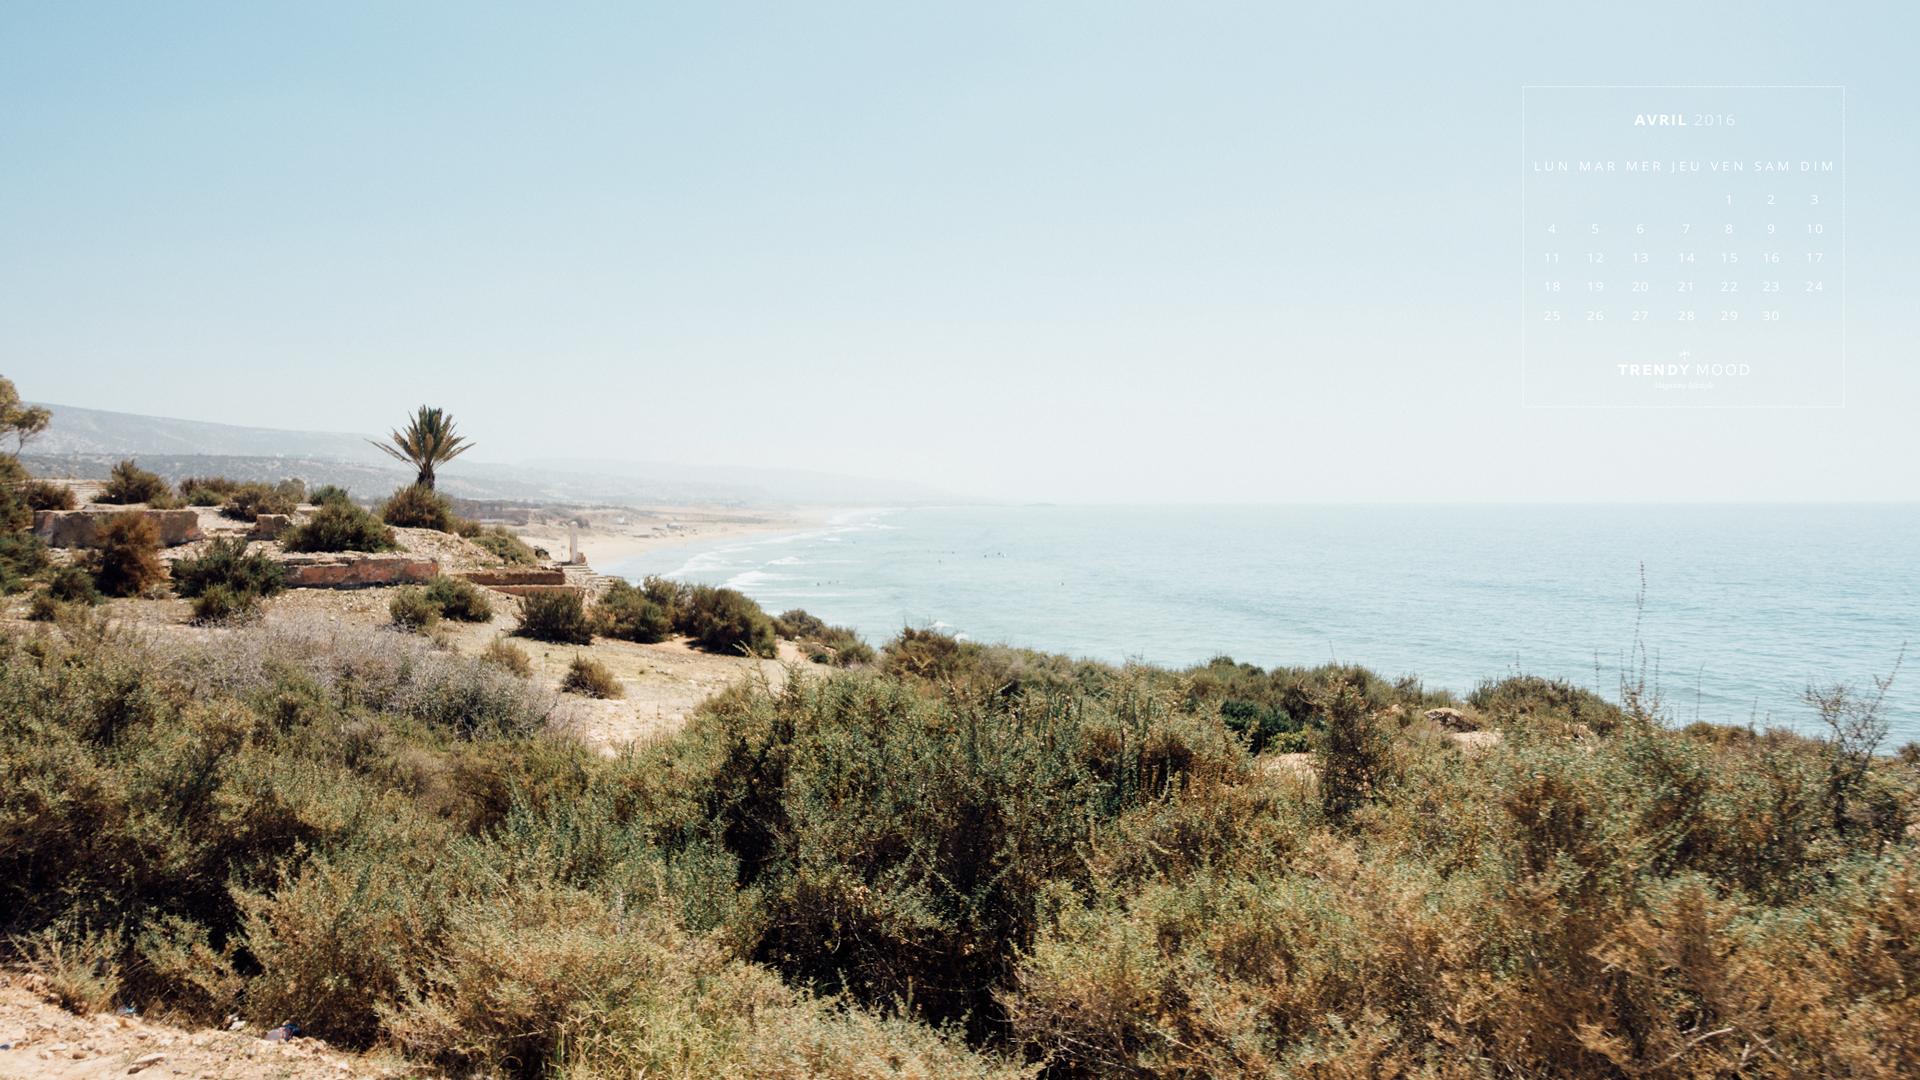 Fond d'écran et calendrier - Photo du Maroc